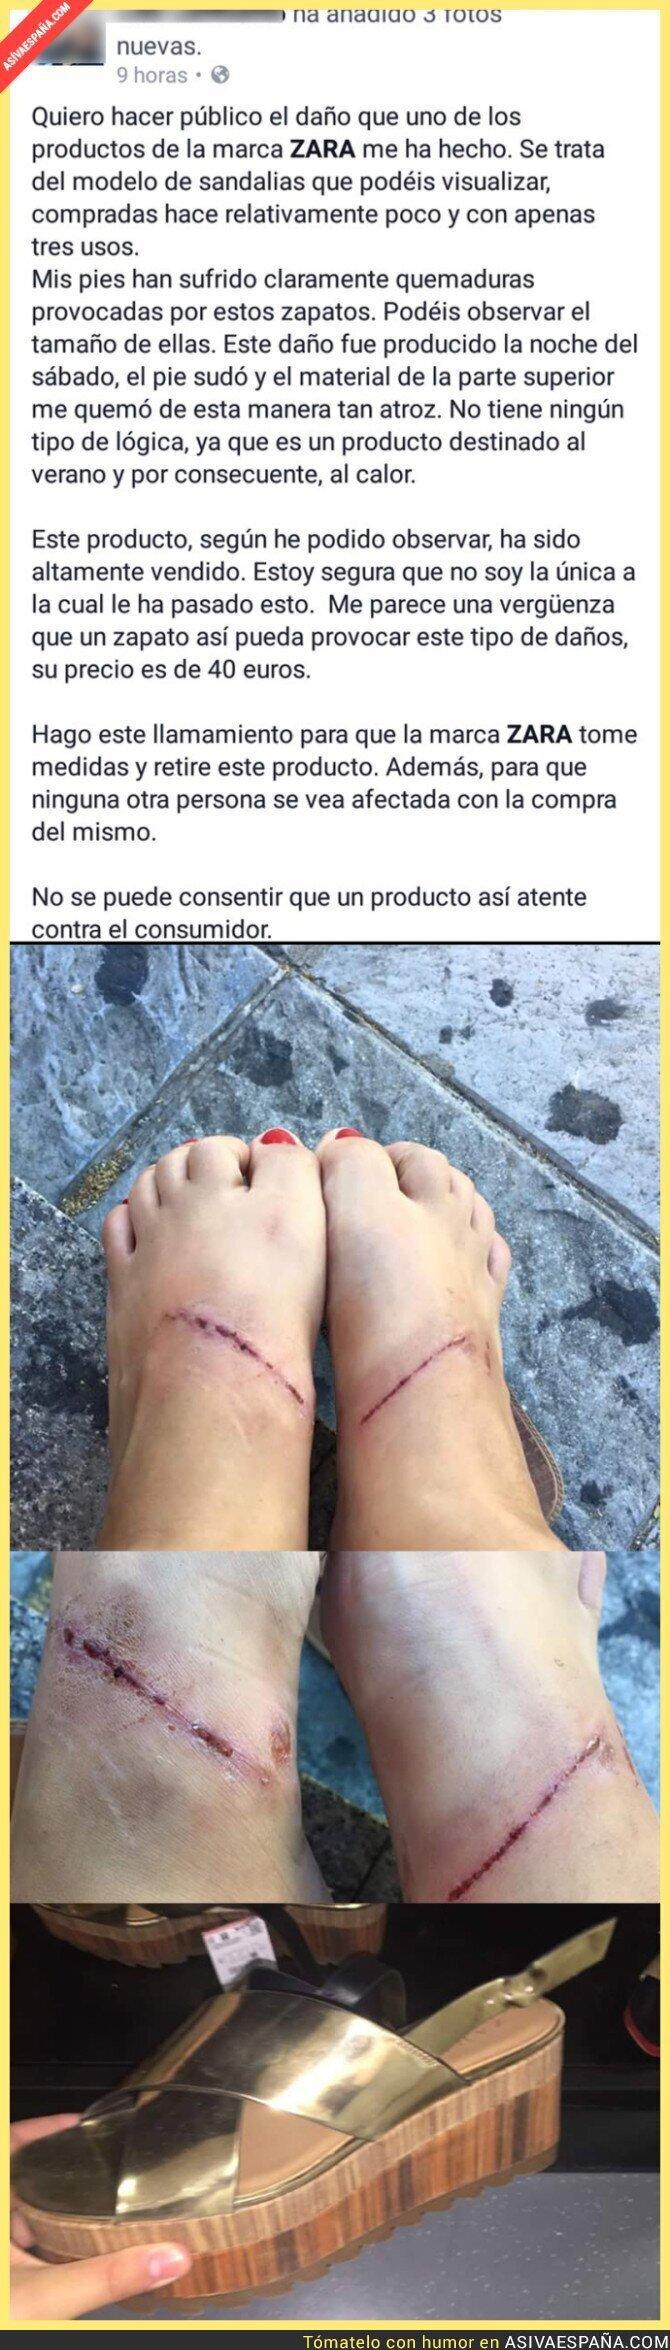 45465 - ¡OJO! Esta chica denuncia las graves heridas en los pies producidas por unos zapatos de ZARA